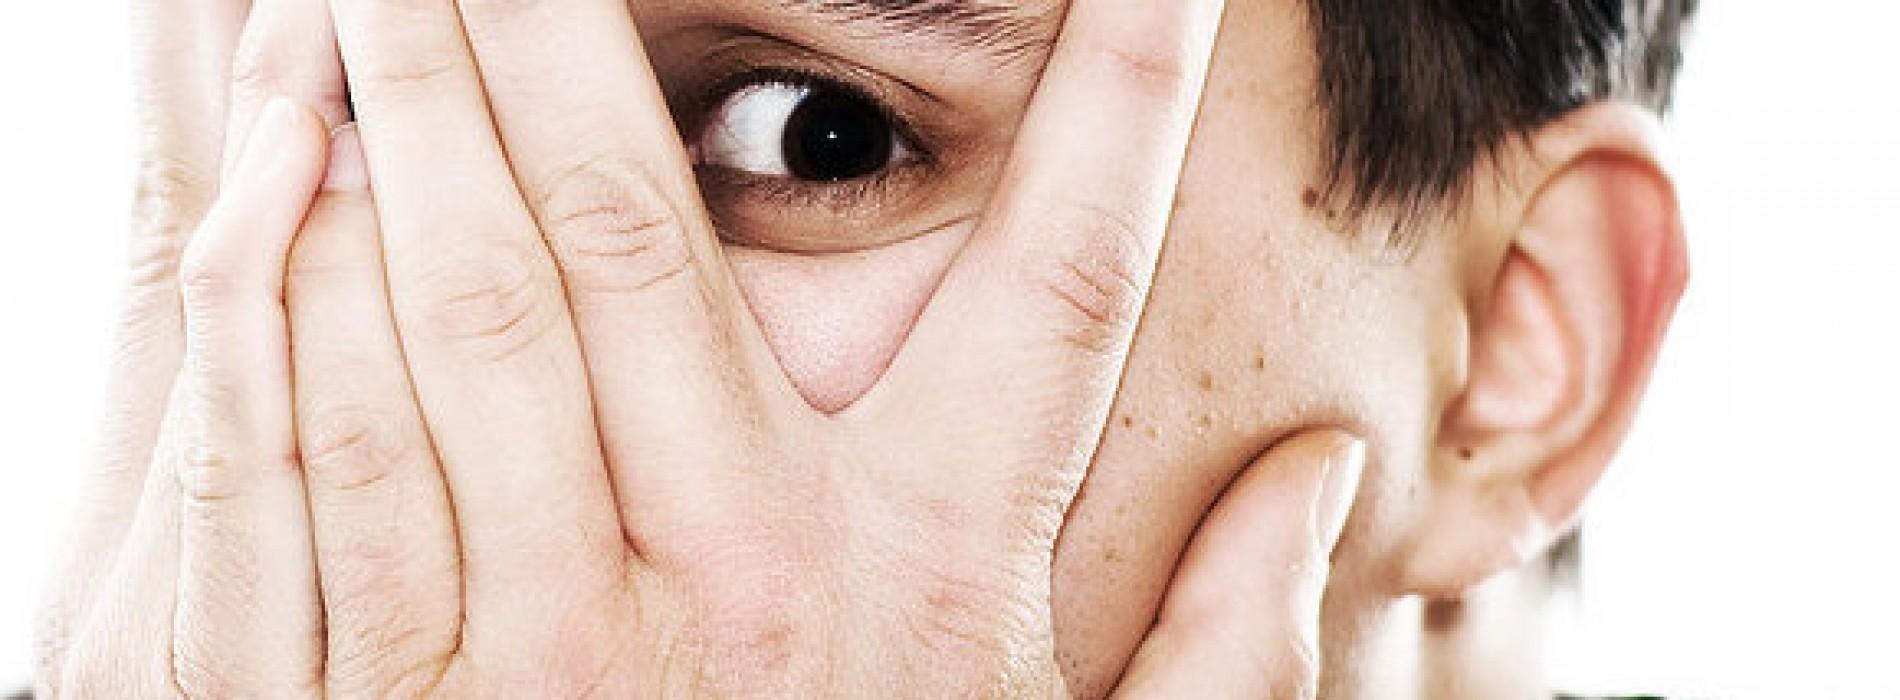 Tien tips voor minder angst